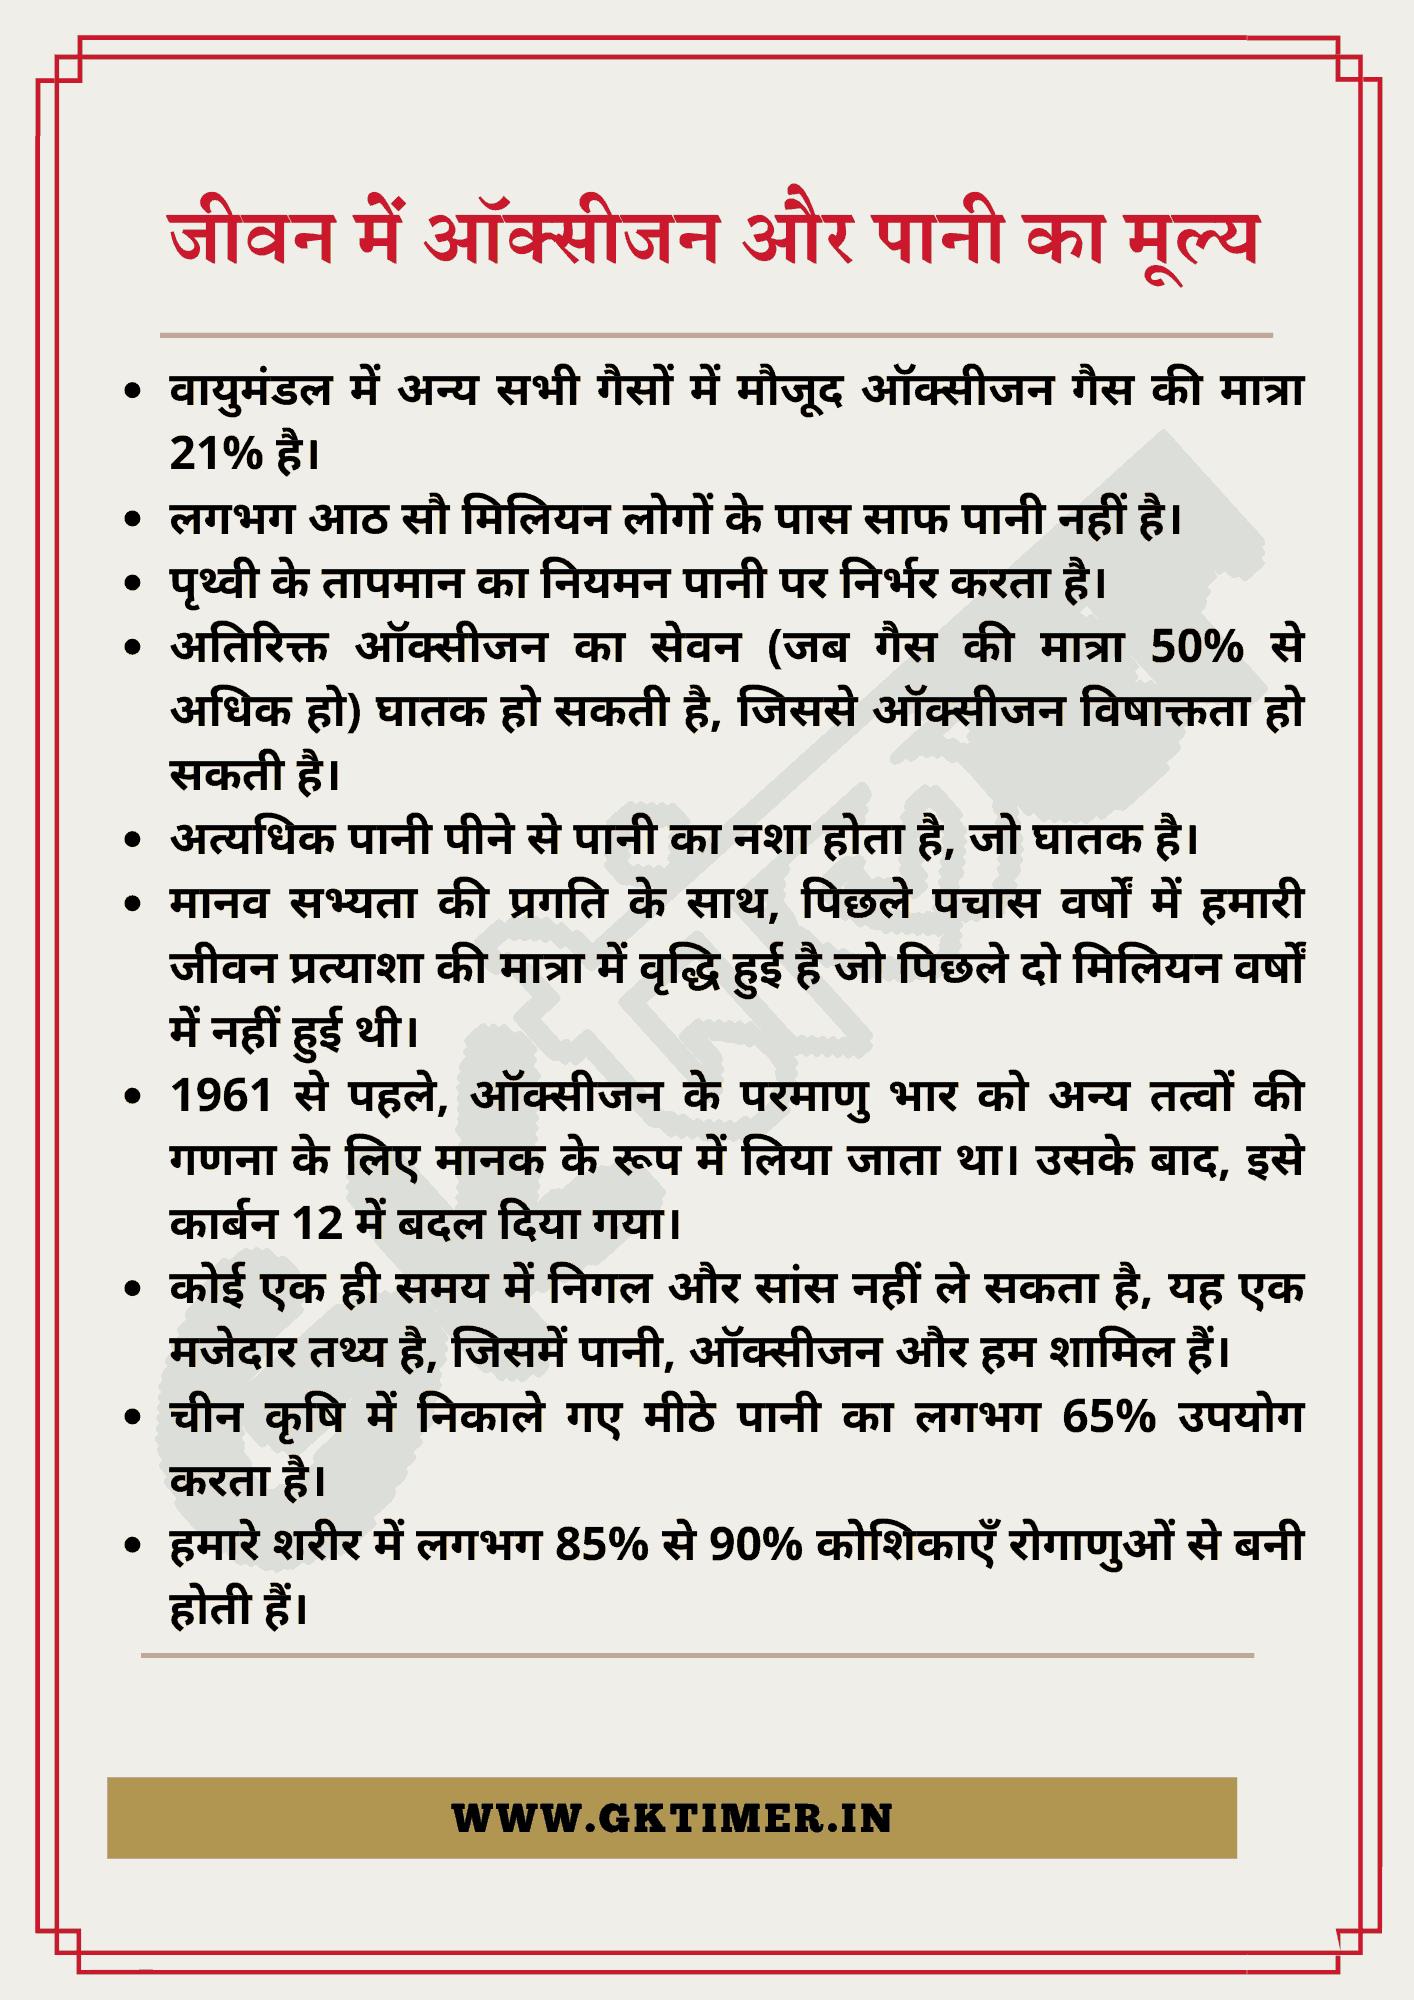 जीवन में ऑक्सीजन और पानी के मूल्य पर निबंध   Essay on Value of Oxygen and Water in Hindi   10 Lines on Value of Oxygen and Water in Hindi